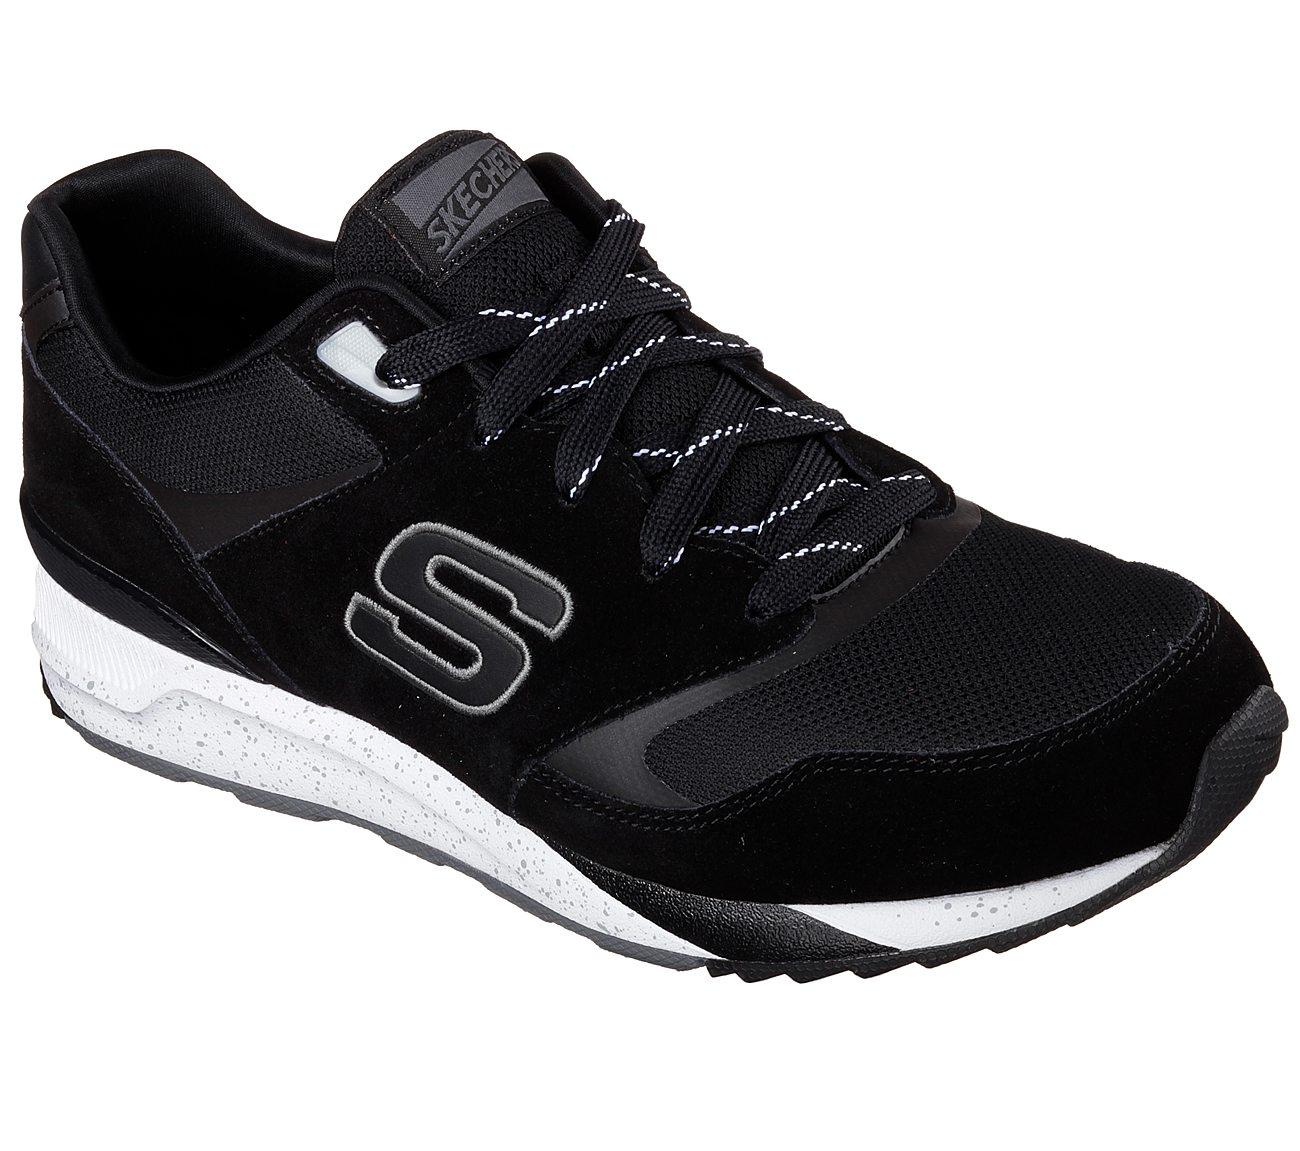 Skechers OG 90 52350 BBK, Mens, Black, sports shoes